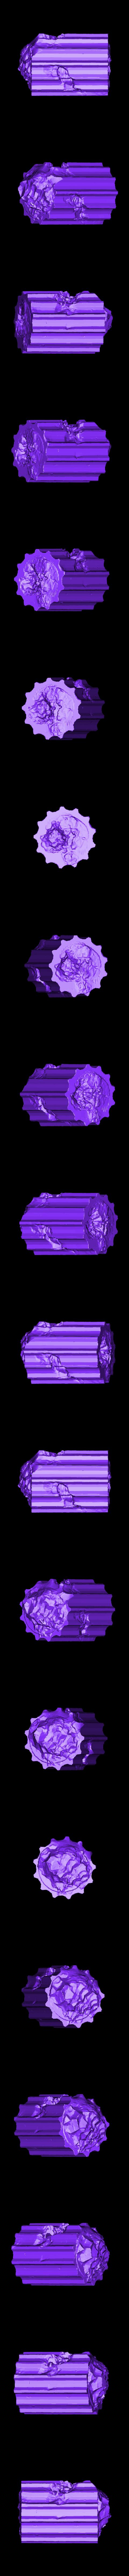 Fallen_Column_E.stl Télécharger fichier STL gratuit Colonne de ruines romaines/grecques • Plan pour imprimante 3D, DarkRealms